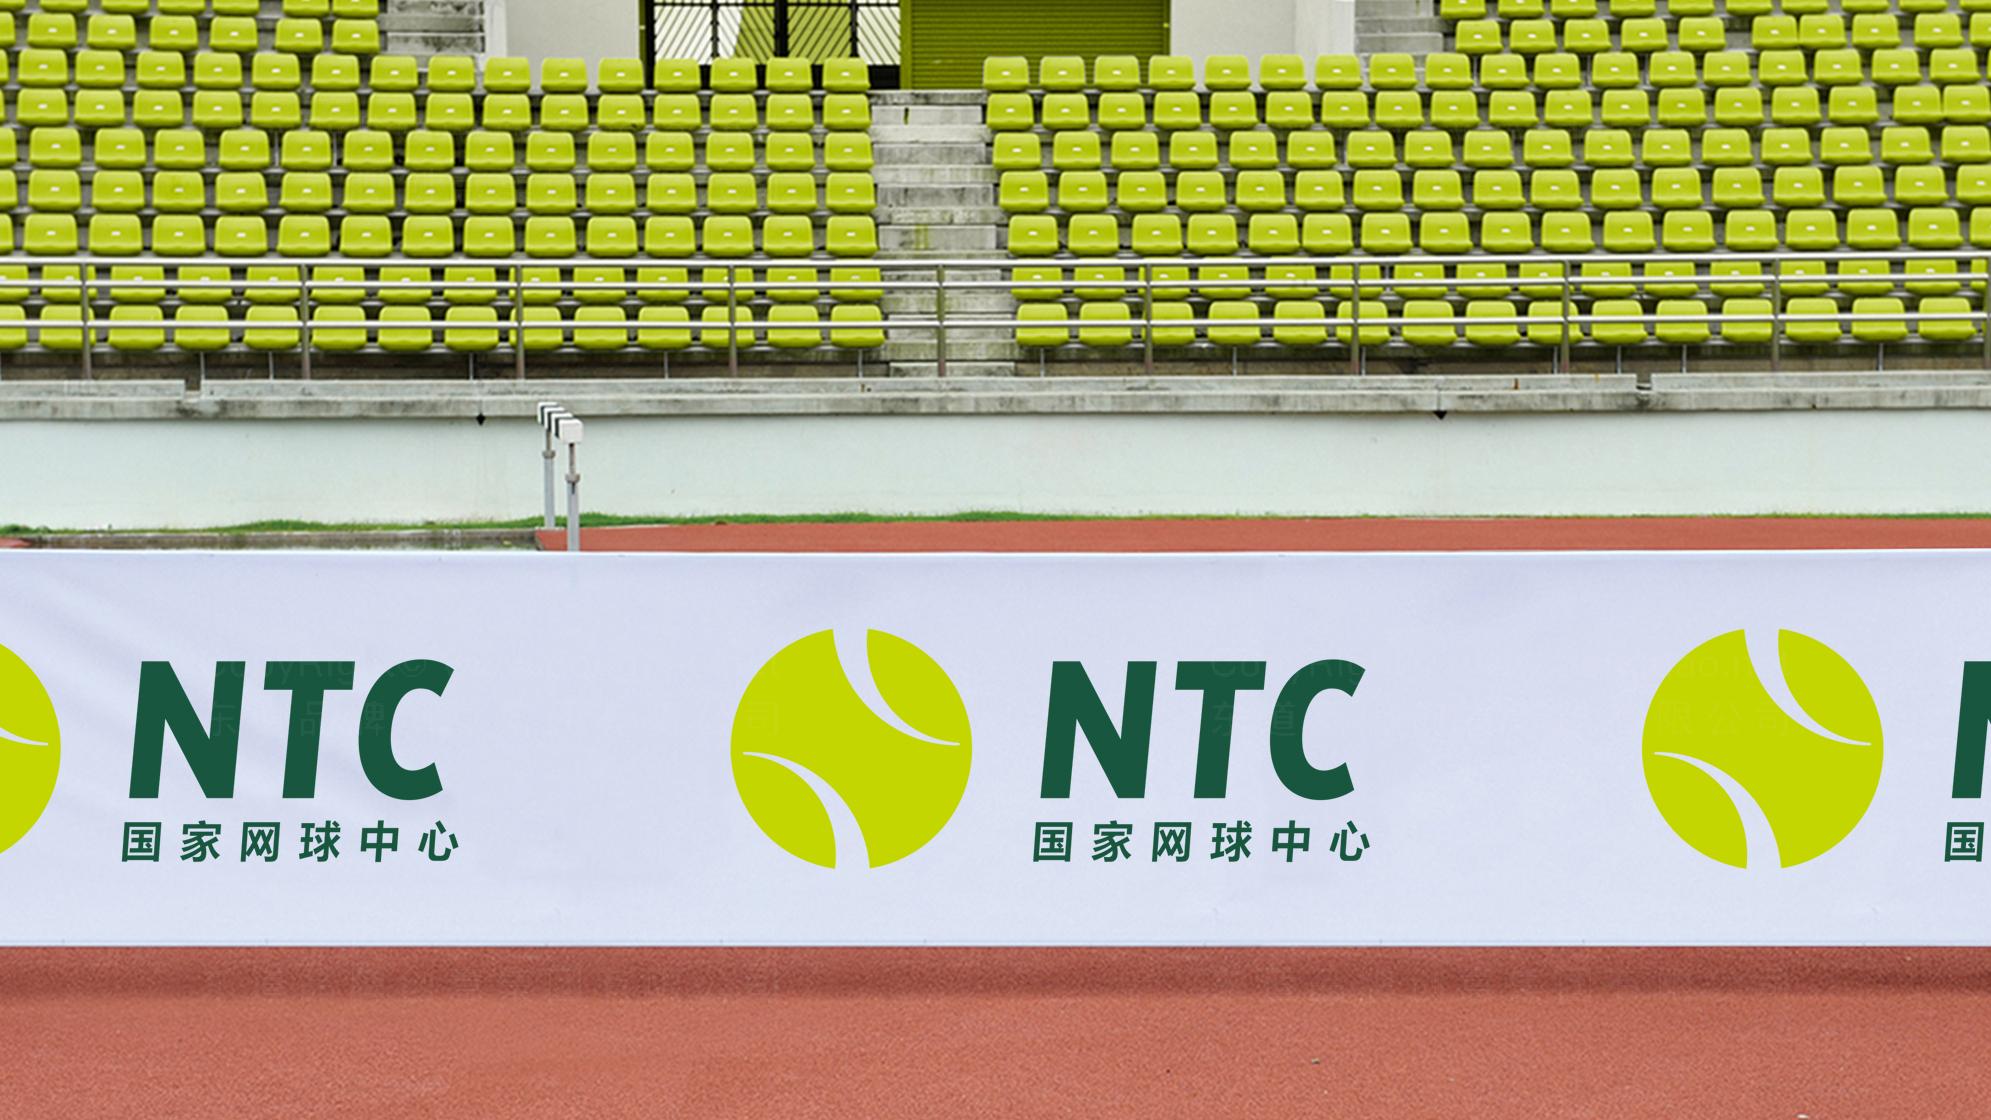 品牌设计国家网球中心标志设计应用场景_6